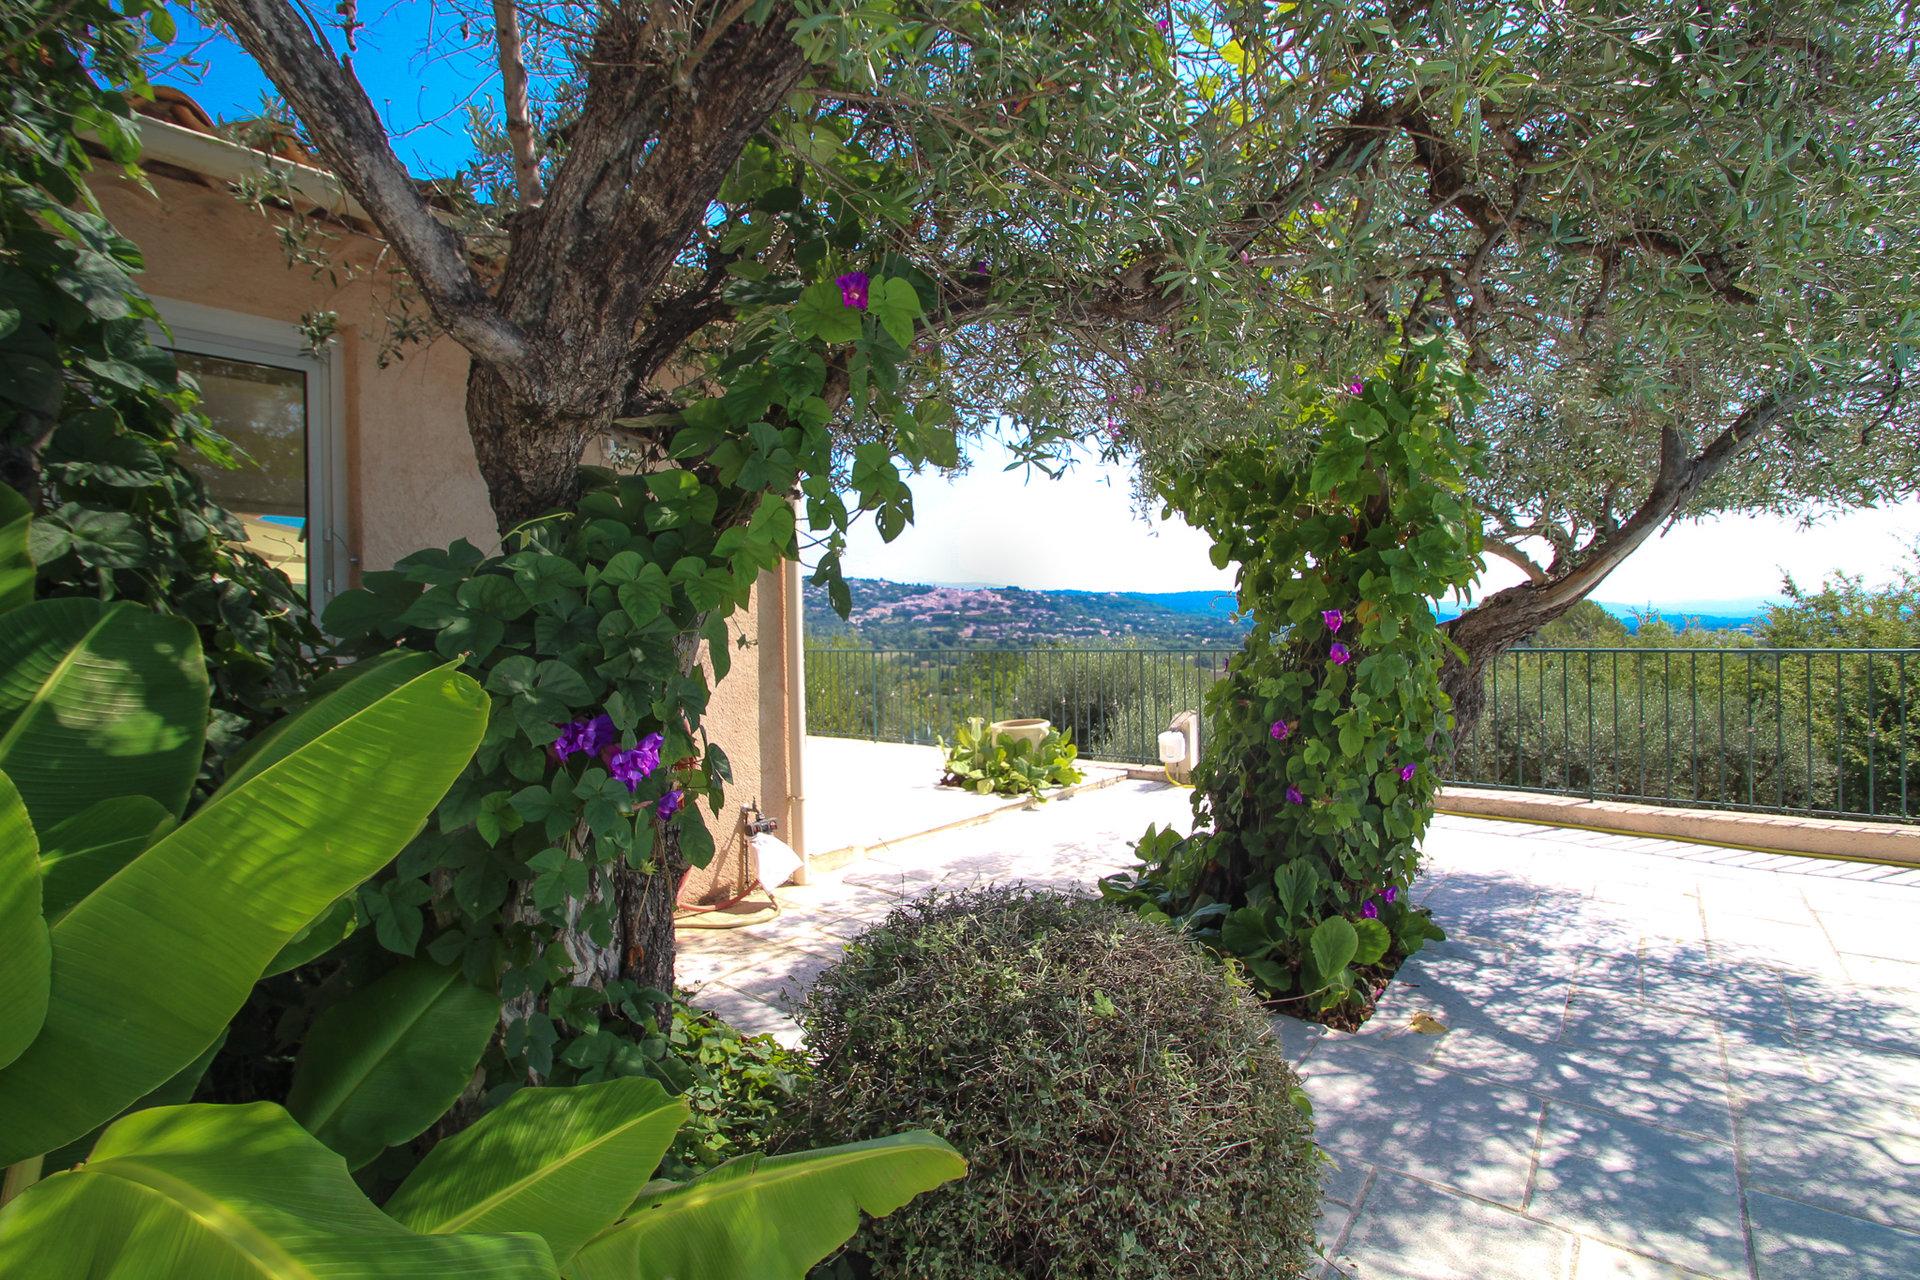 FAYENCE charmante villa, prachtig uitzicht